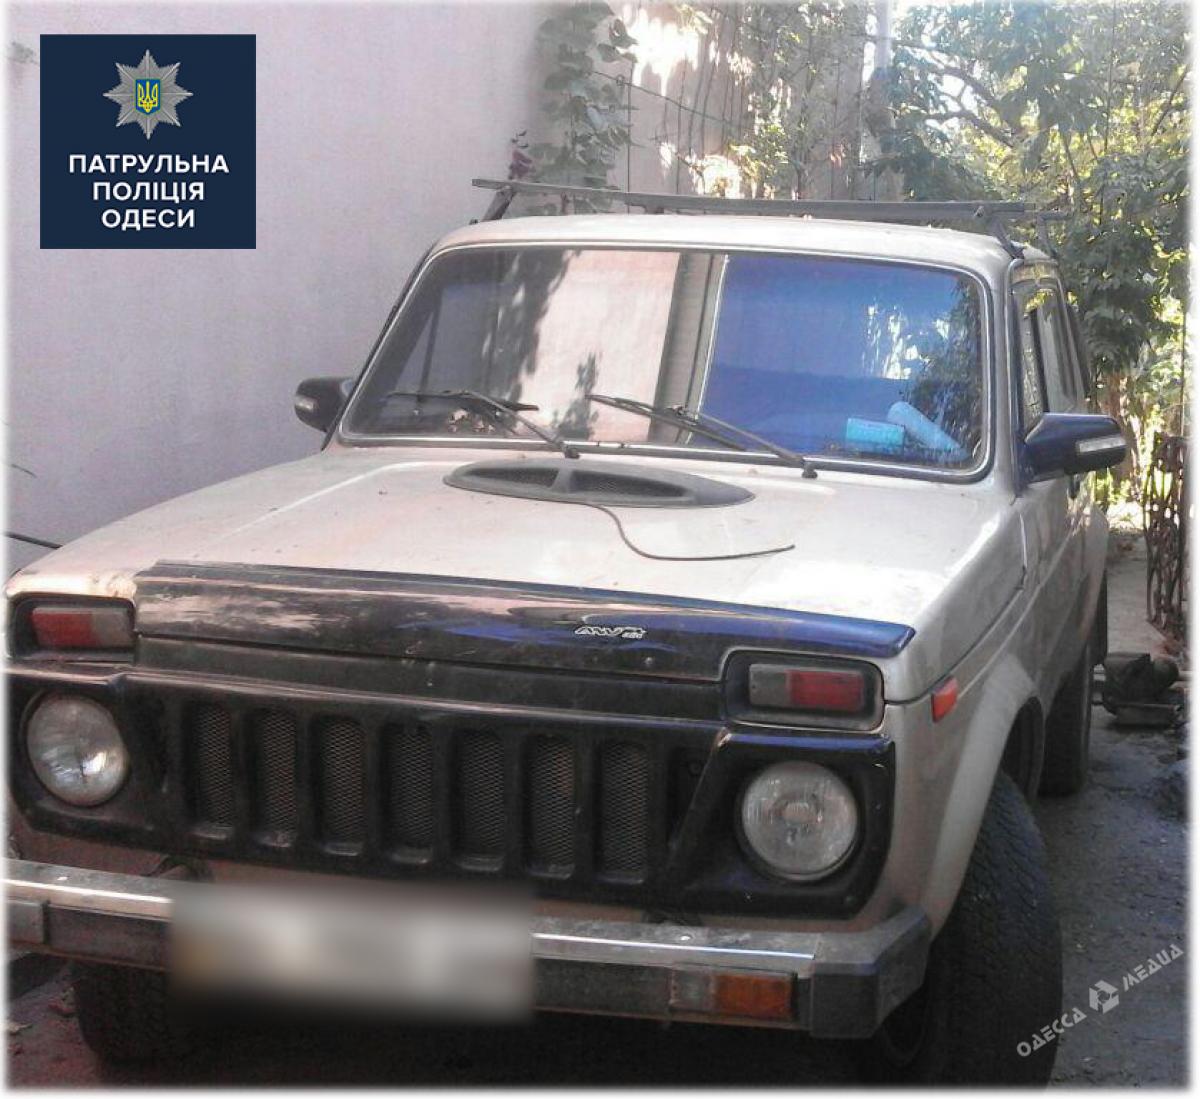 d888980479890e62af993c9cbd5f5b71 Шокирующее ДТП в Одессе: пьяный водитель сбил 6-летнего мальчика